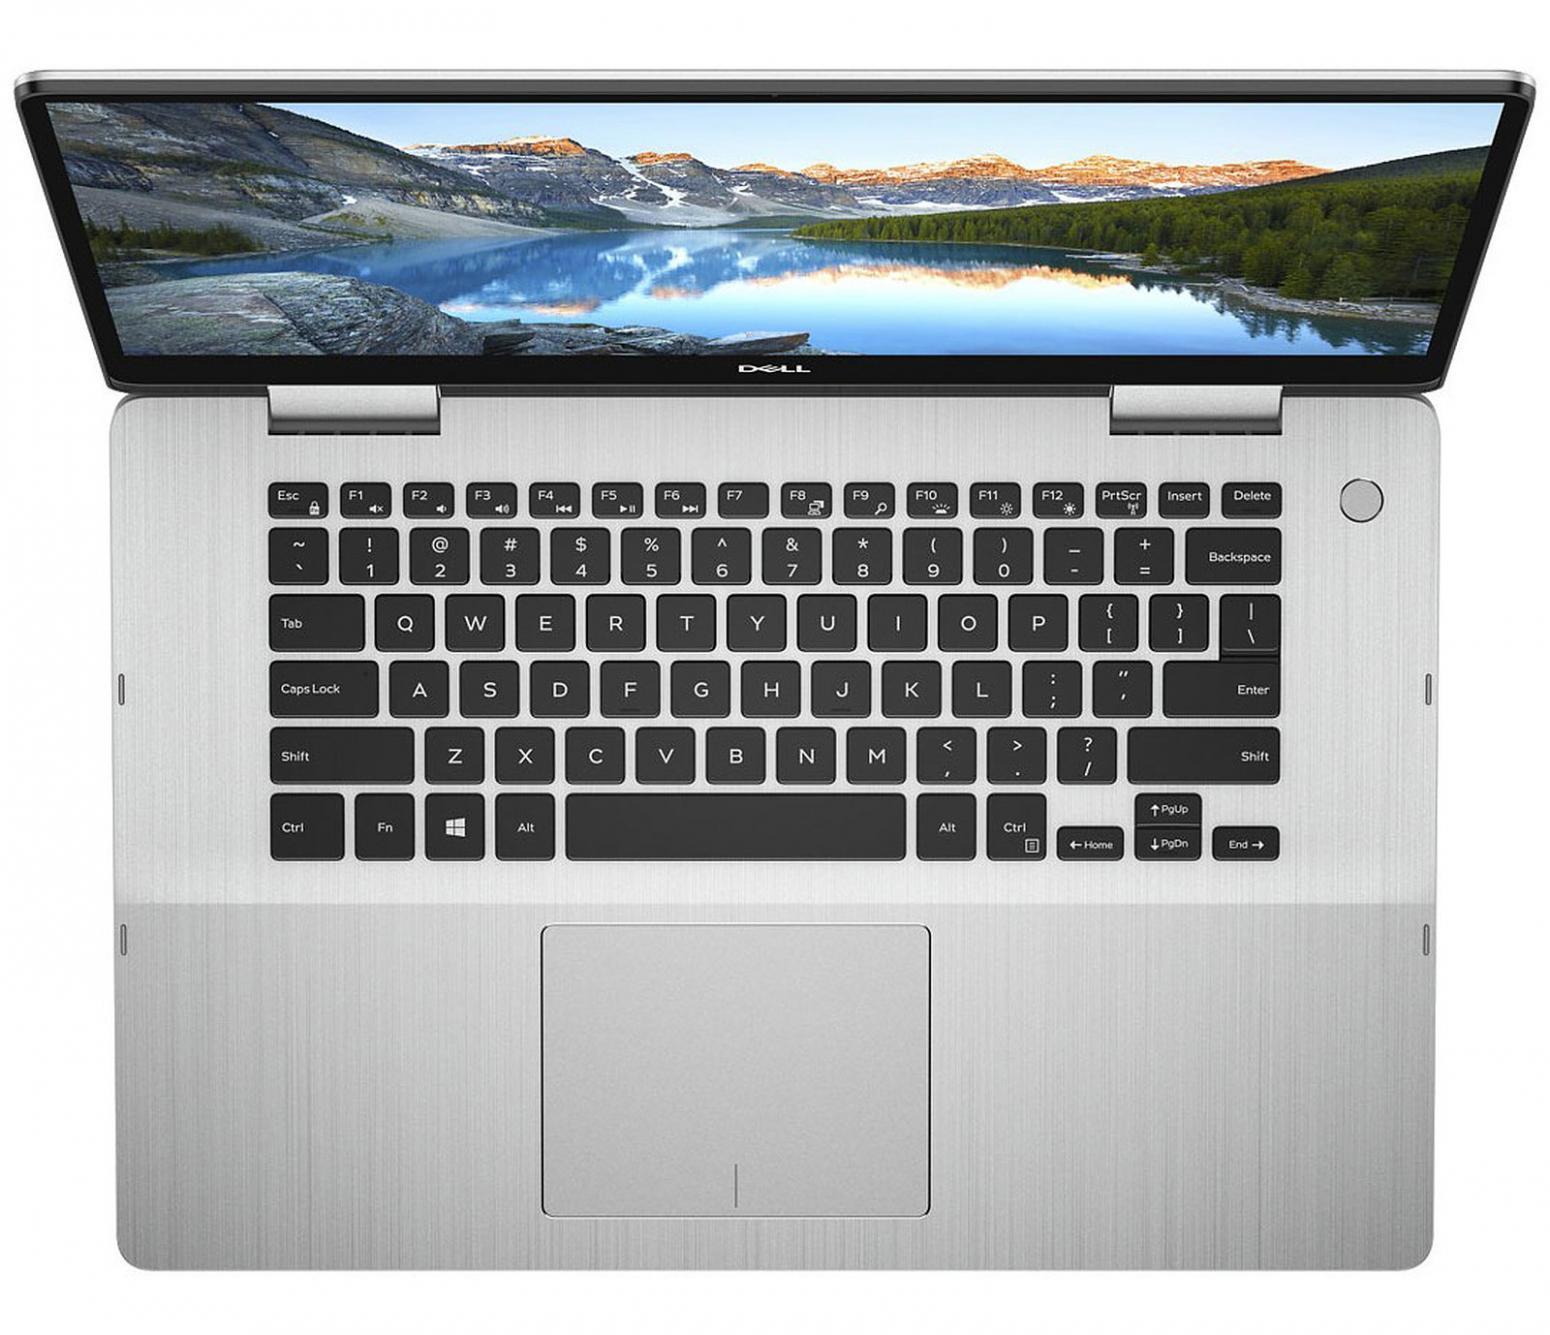 Ordinateur portable Dell Inspiron 15 7000 (7586) 2en1 Argent - photo 4